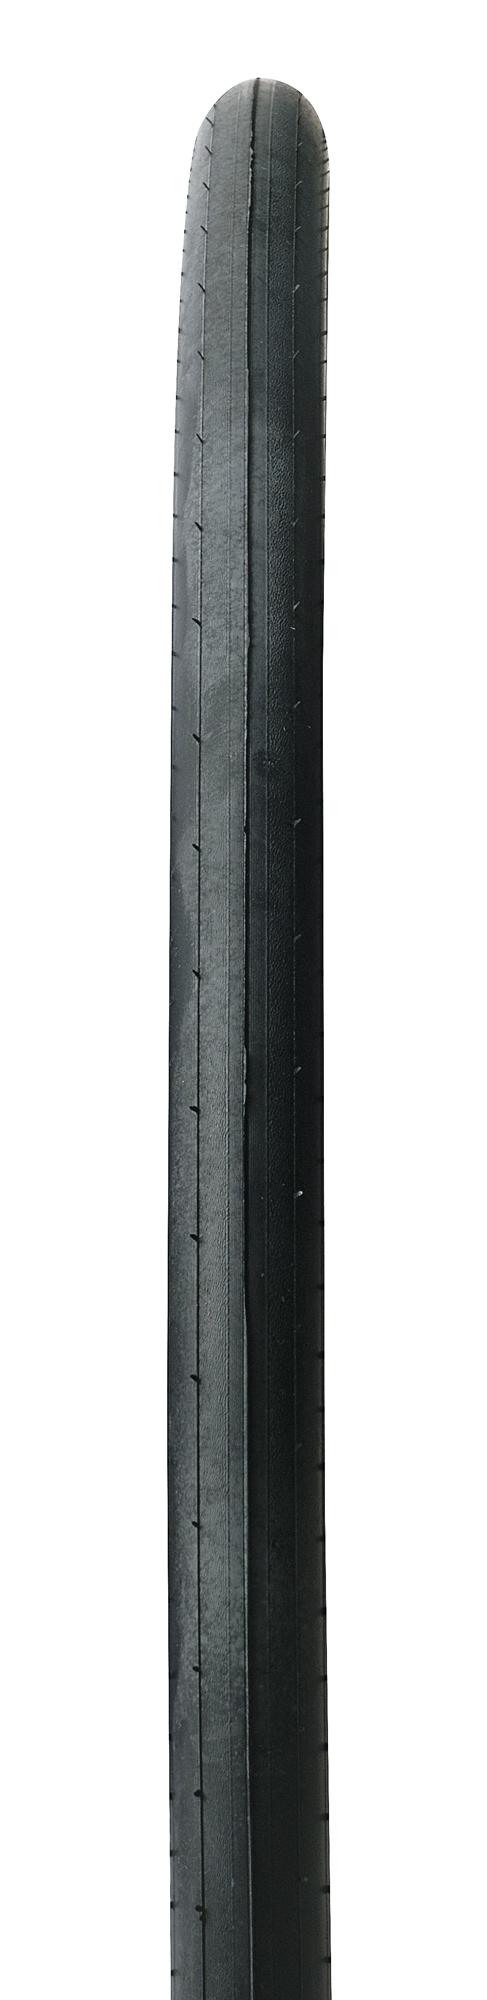 plášť HUTCH.EQUINOX 2 700x25 drát set, černý